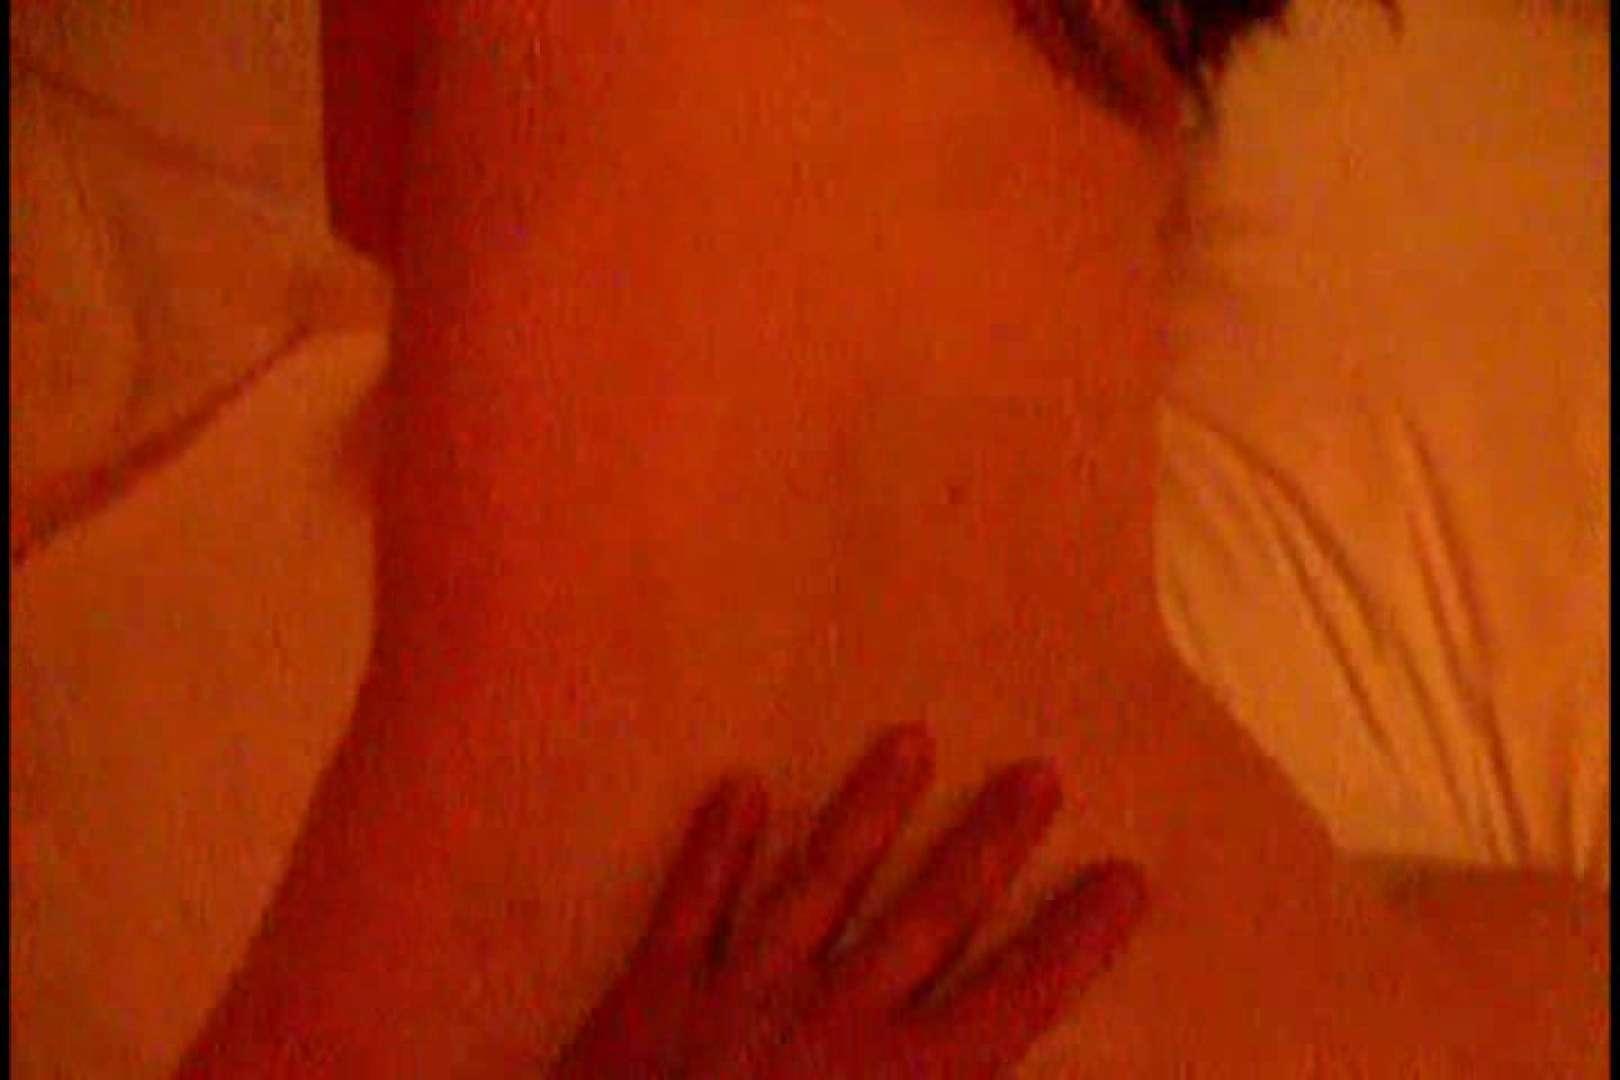 某掲示板に投稿された素人女性たちVOL.9 投稿   ホテル  95連発 65